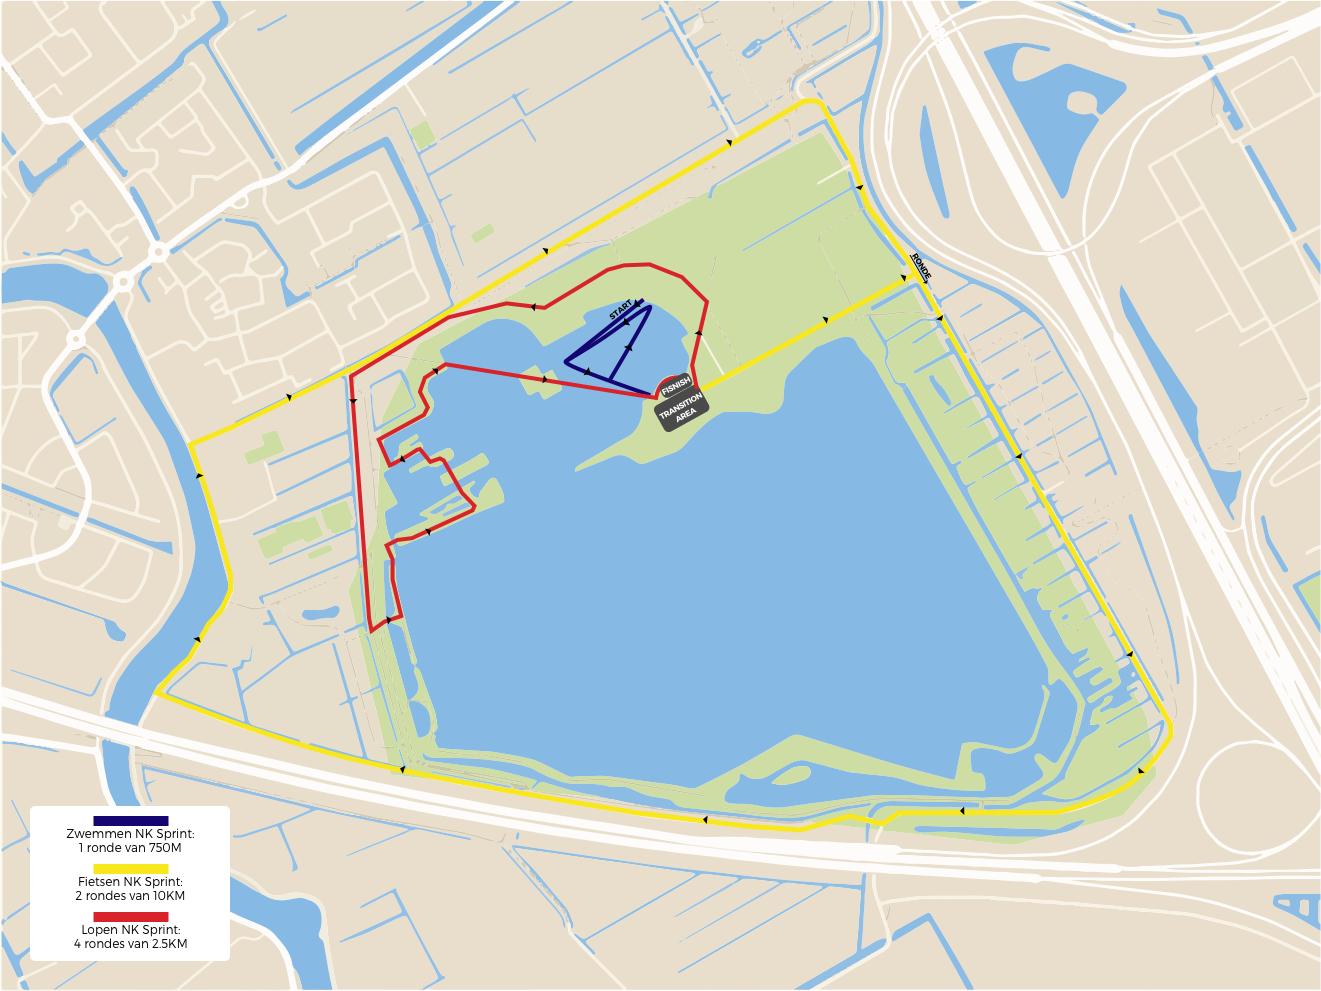 Parcours NK Sprint Eredivisie